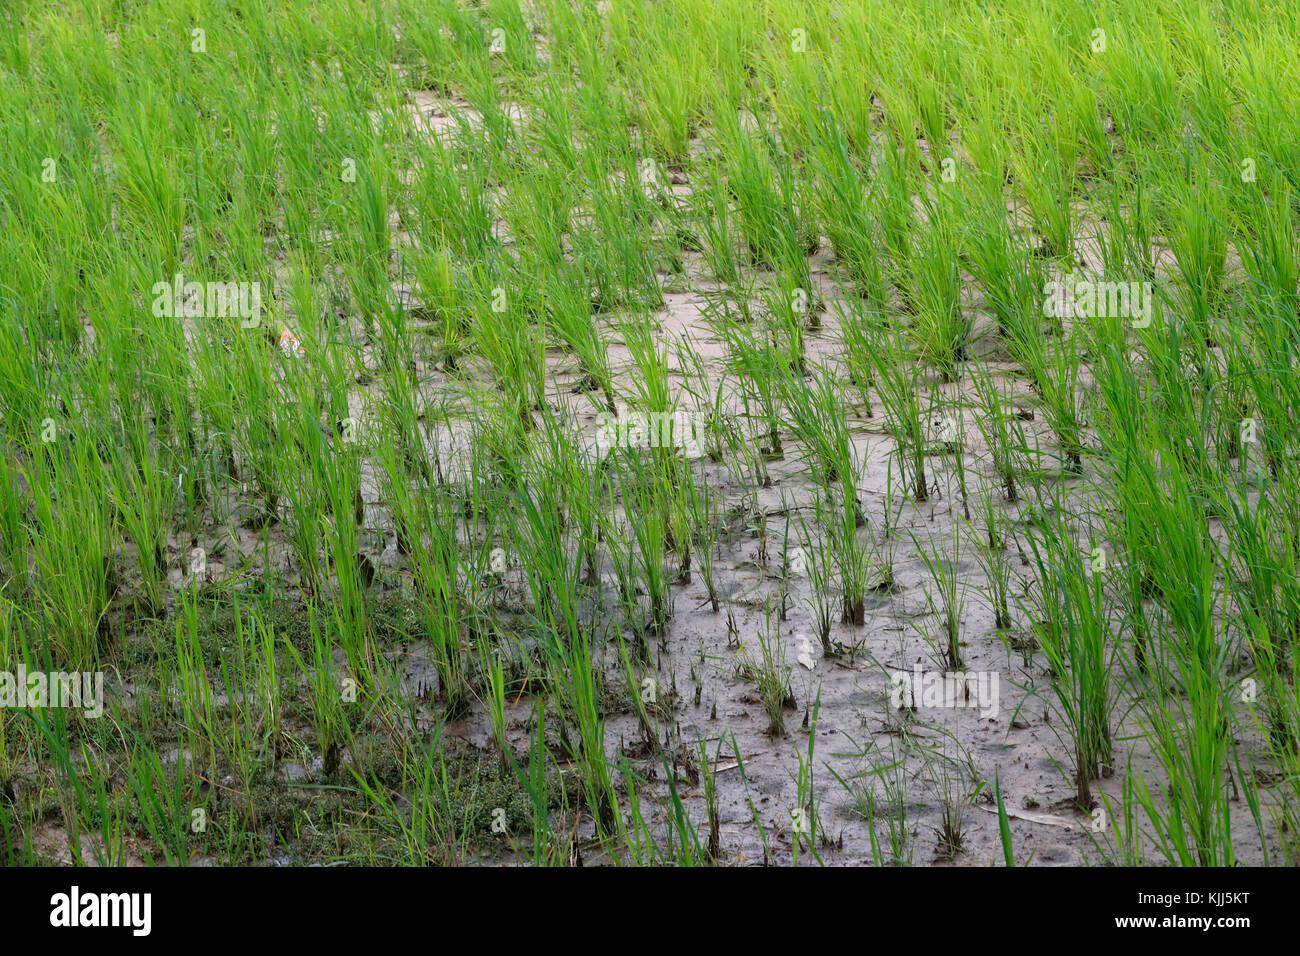 Die Landwirtschaft. Der Reisanbau in einem Reisfeld. Kon Tum. Vietnam. Stockbild